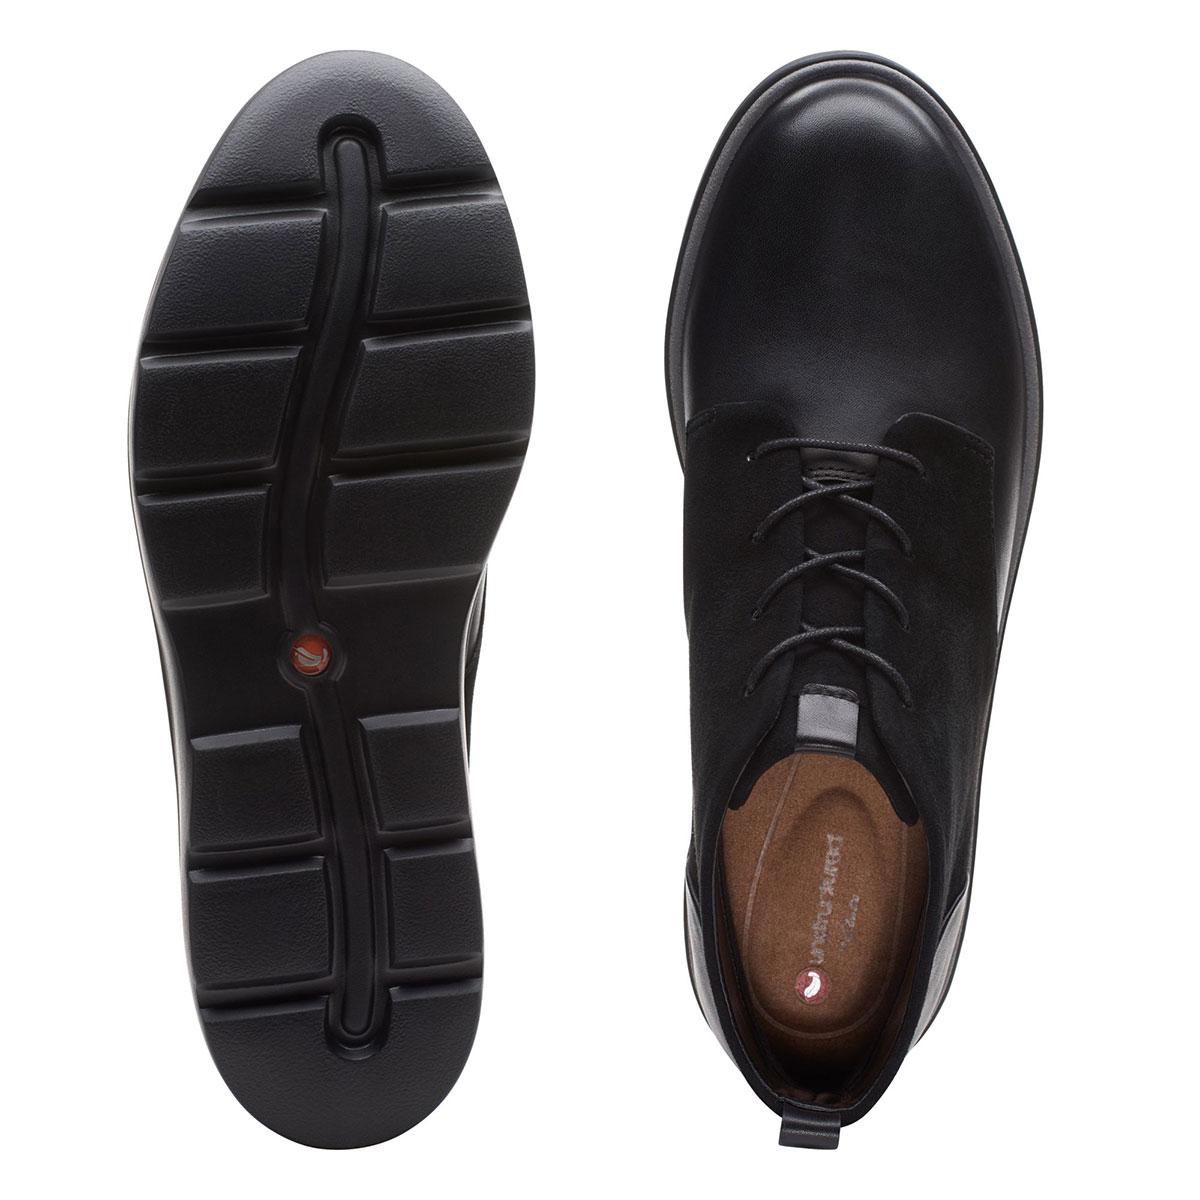 Дамски черни кожени обувки Clarks Un Balsa Mid изглед отгоре и подметка